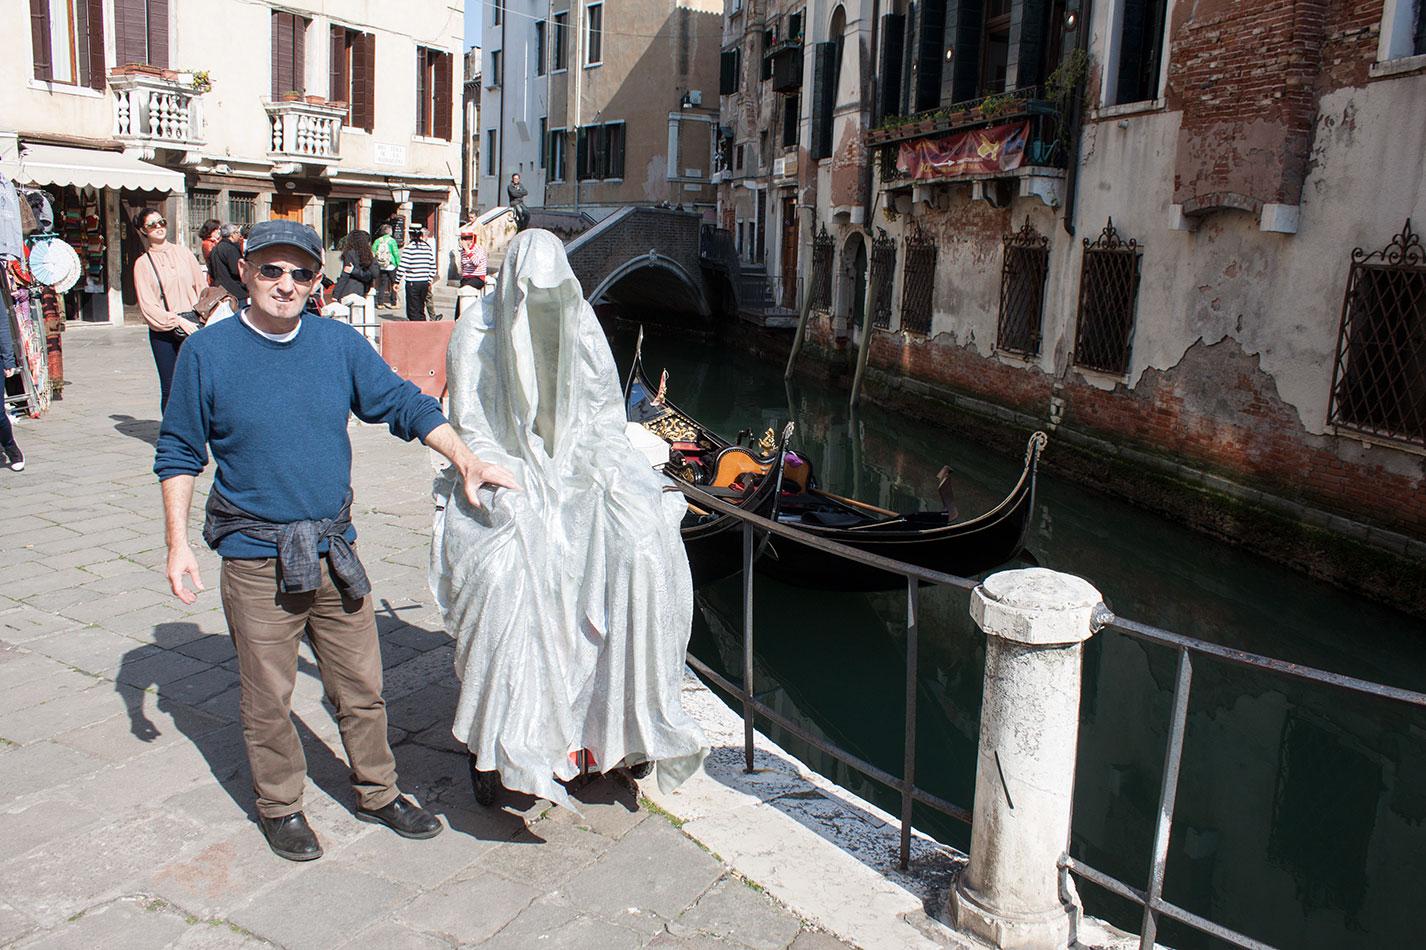 la-biennale-venezia-arte-venice-guardians-of-time-manfred-kili-kielnhofer-contemporary-art-arts-design-sculpture-performance-show-8097